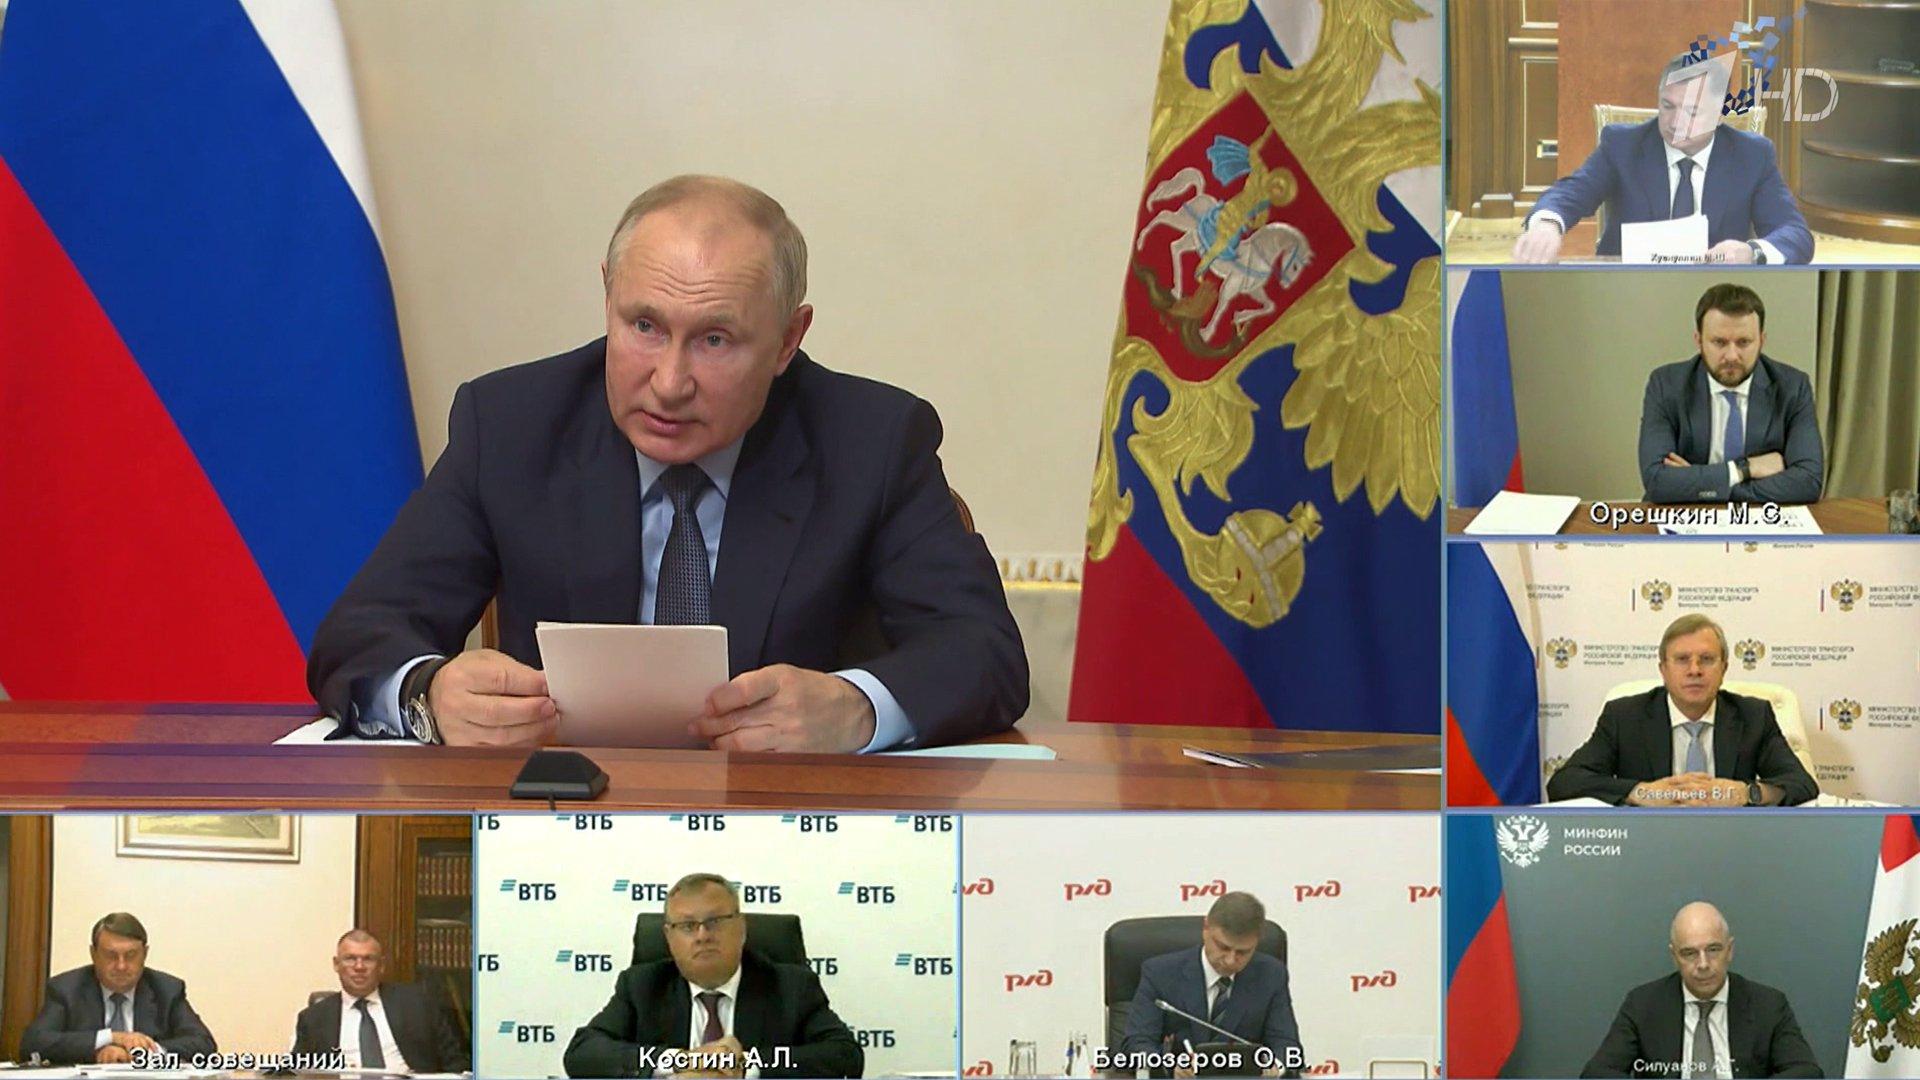 Крупные транспортные проекты обсудил Владимир Путин насовещании вСанкт-Петербурге